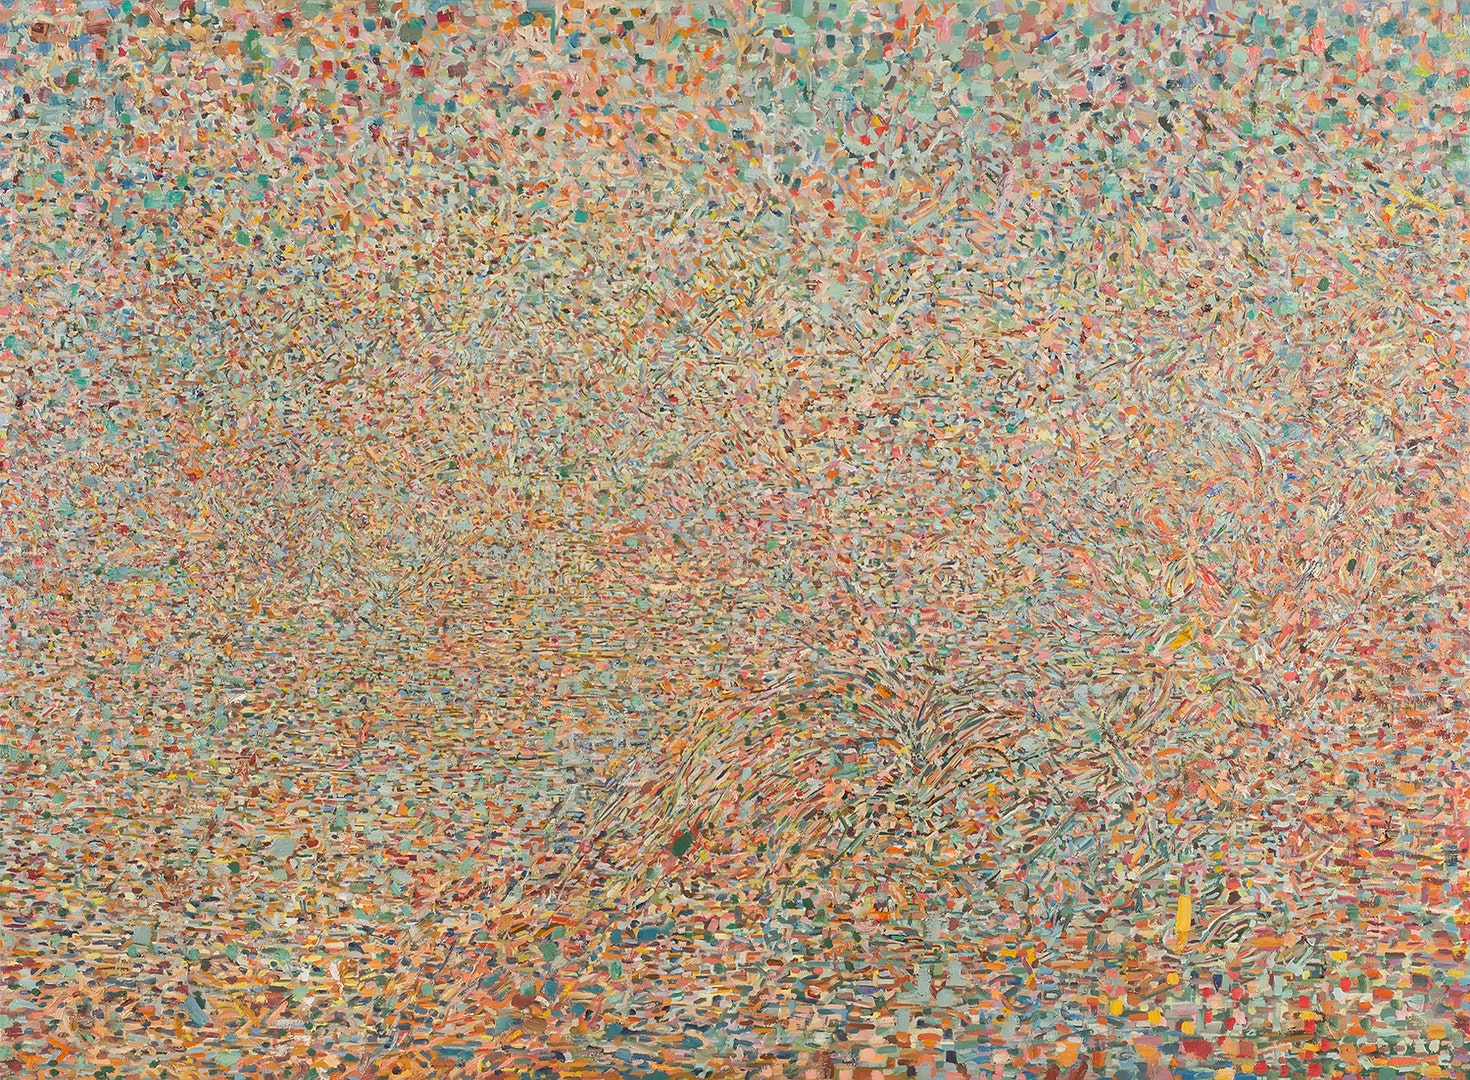 'Kigali', Zohar Cohen, Oil on linen, 289 x 252 cm